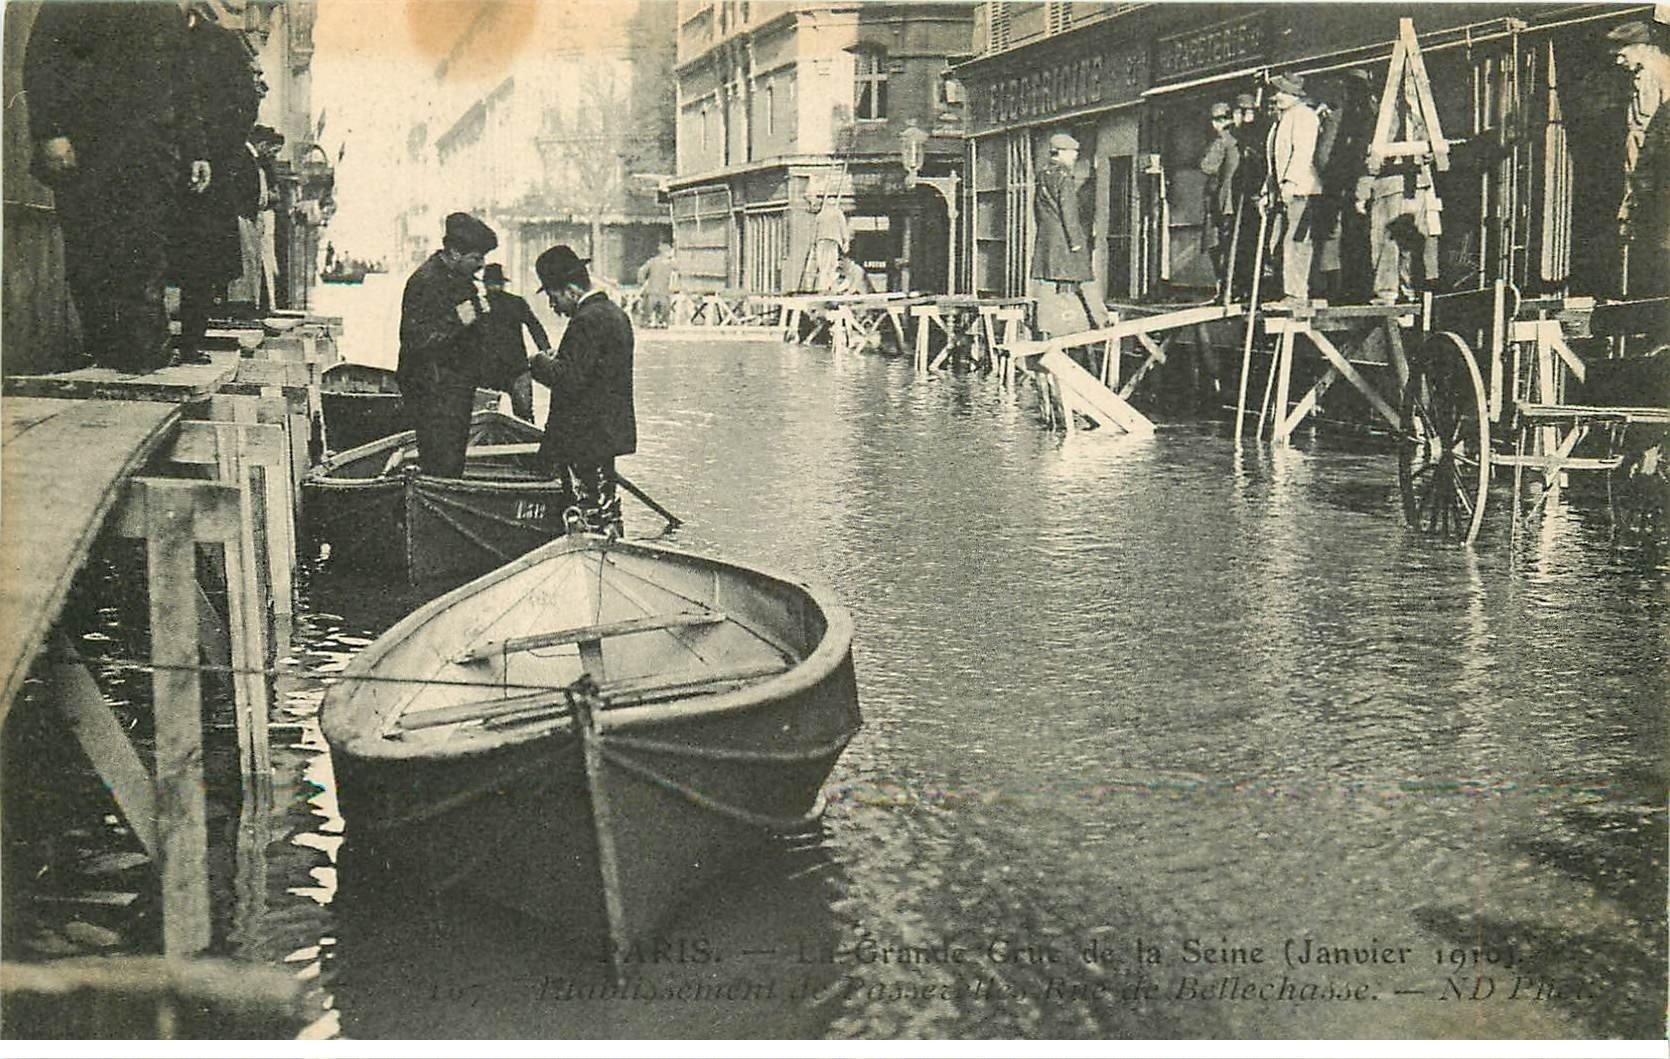 carte postale ancienne INONDATION ET CRUE DE PARIS 1910. Rue Bellechasse passerelles sur chevalets et barques